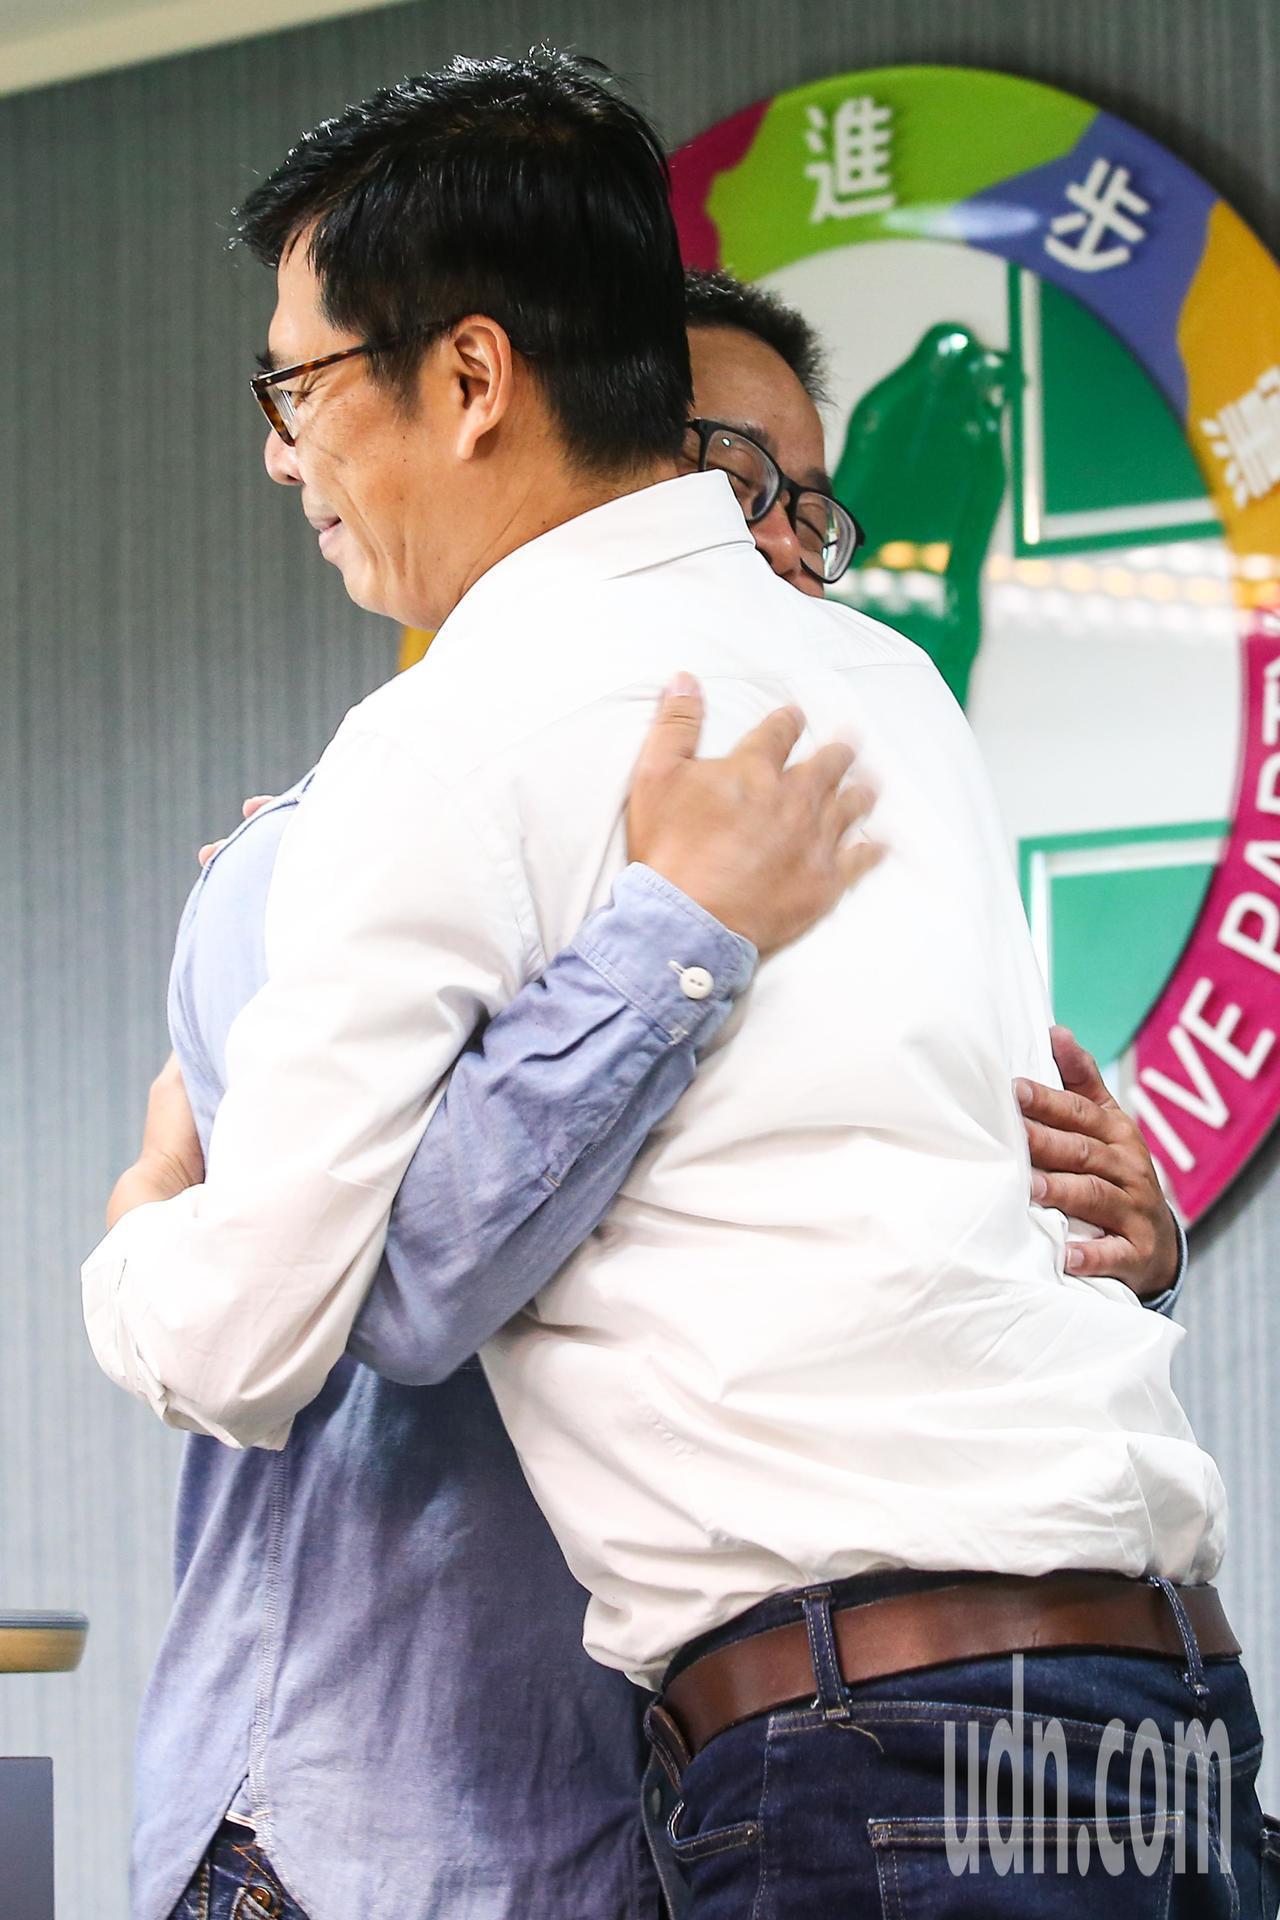 民進黨高雄市長候選人陳其邁(左)下午在民進黨中央舉行記者會公佈新一波競選影片,已...